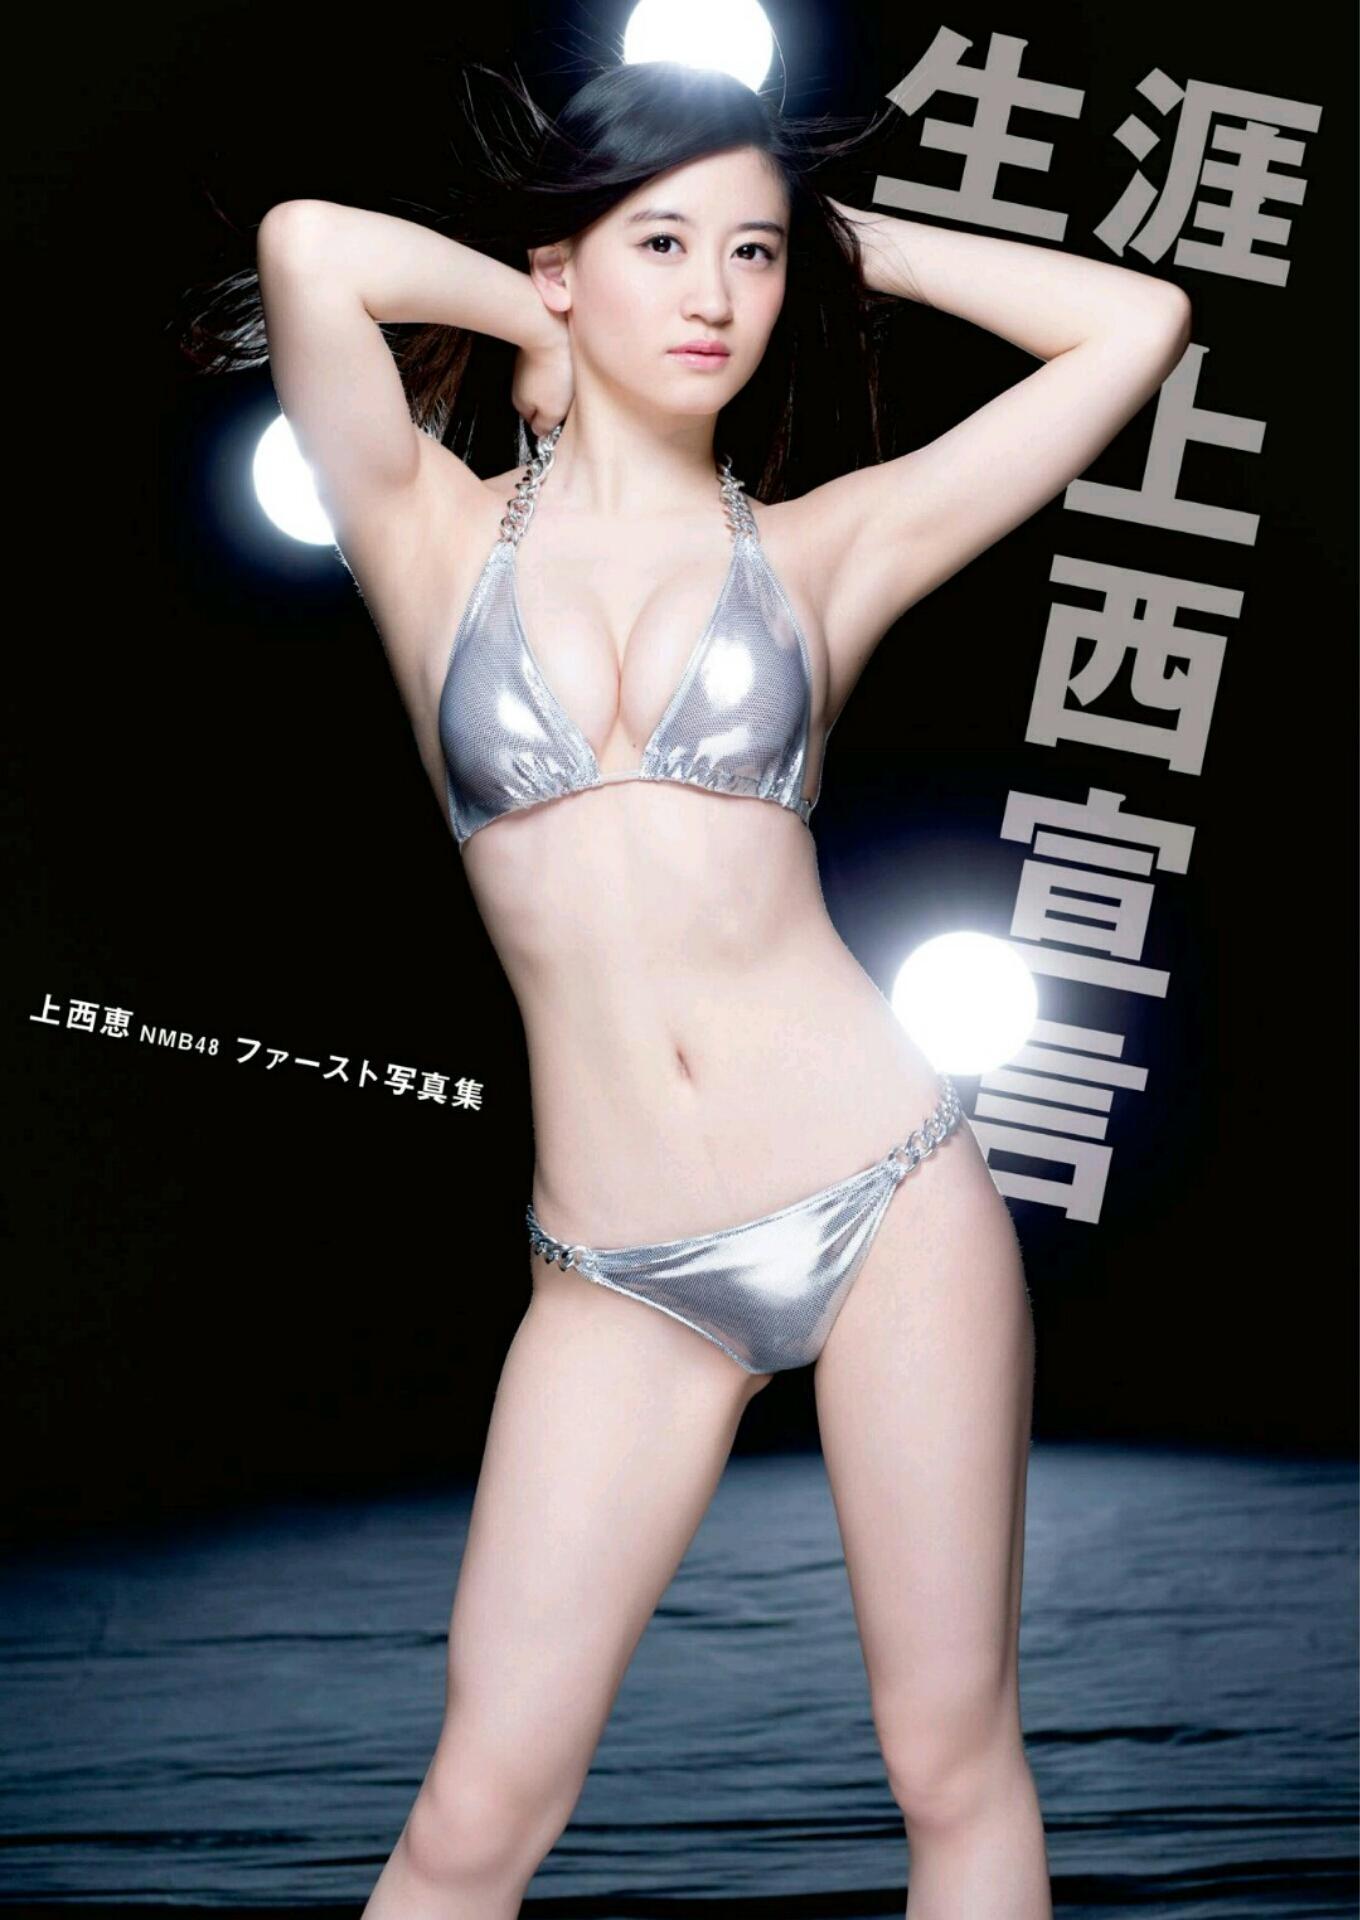 上西惠DVD写真集《生涯上西宣言》高清无水印完整版[2.4G] 日系视频-第1张